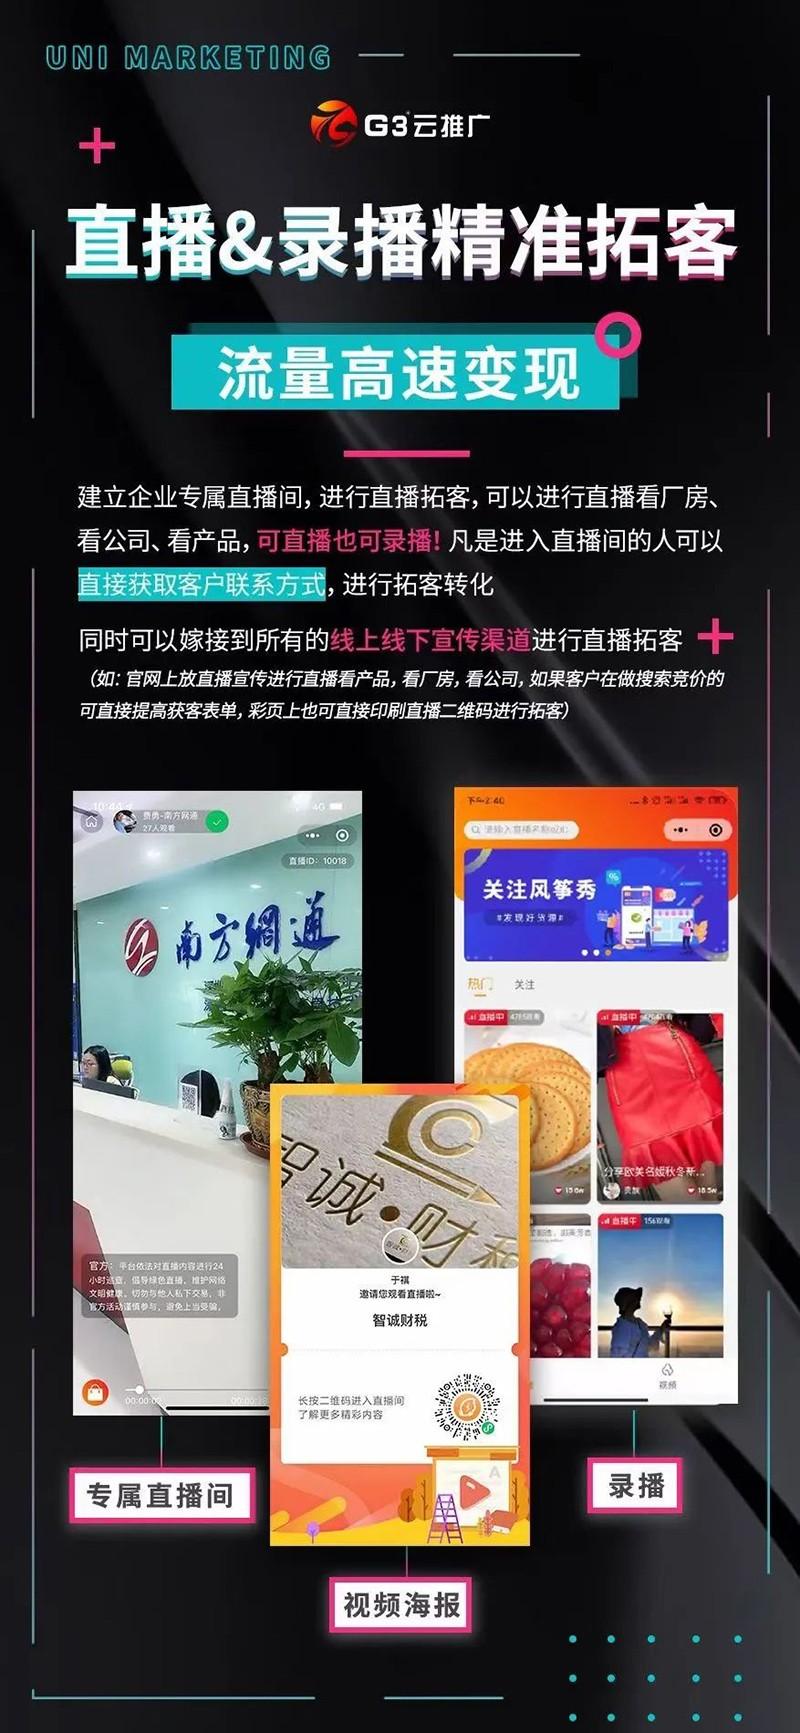 G3云推广如何帮助西安企业实现全网营销